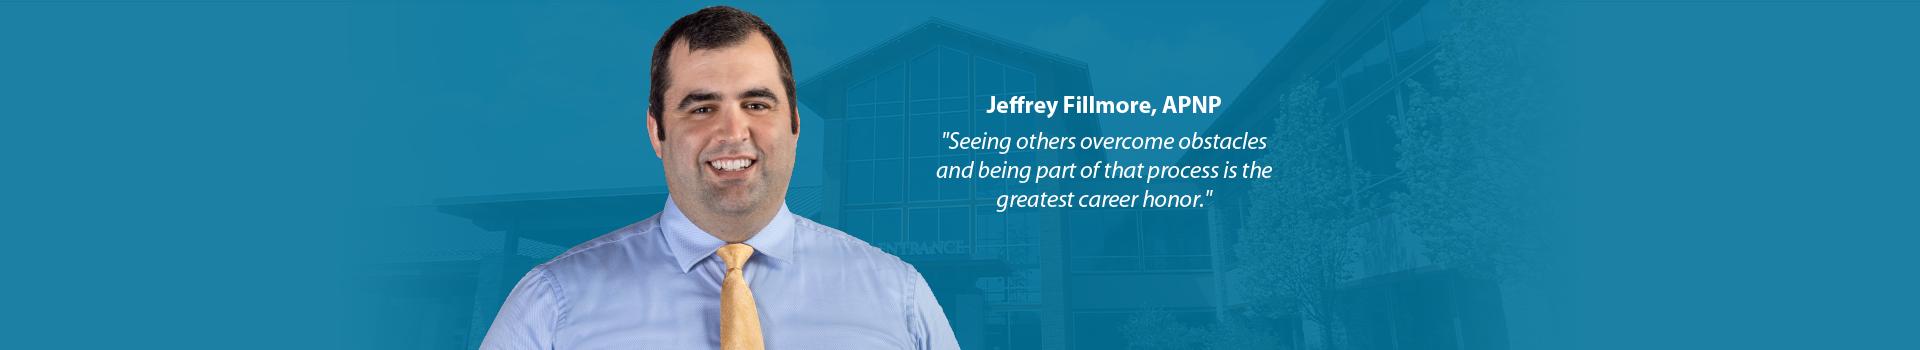 Jeffrey Fillmore